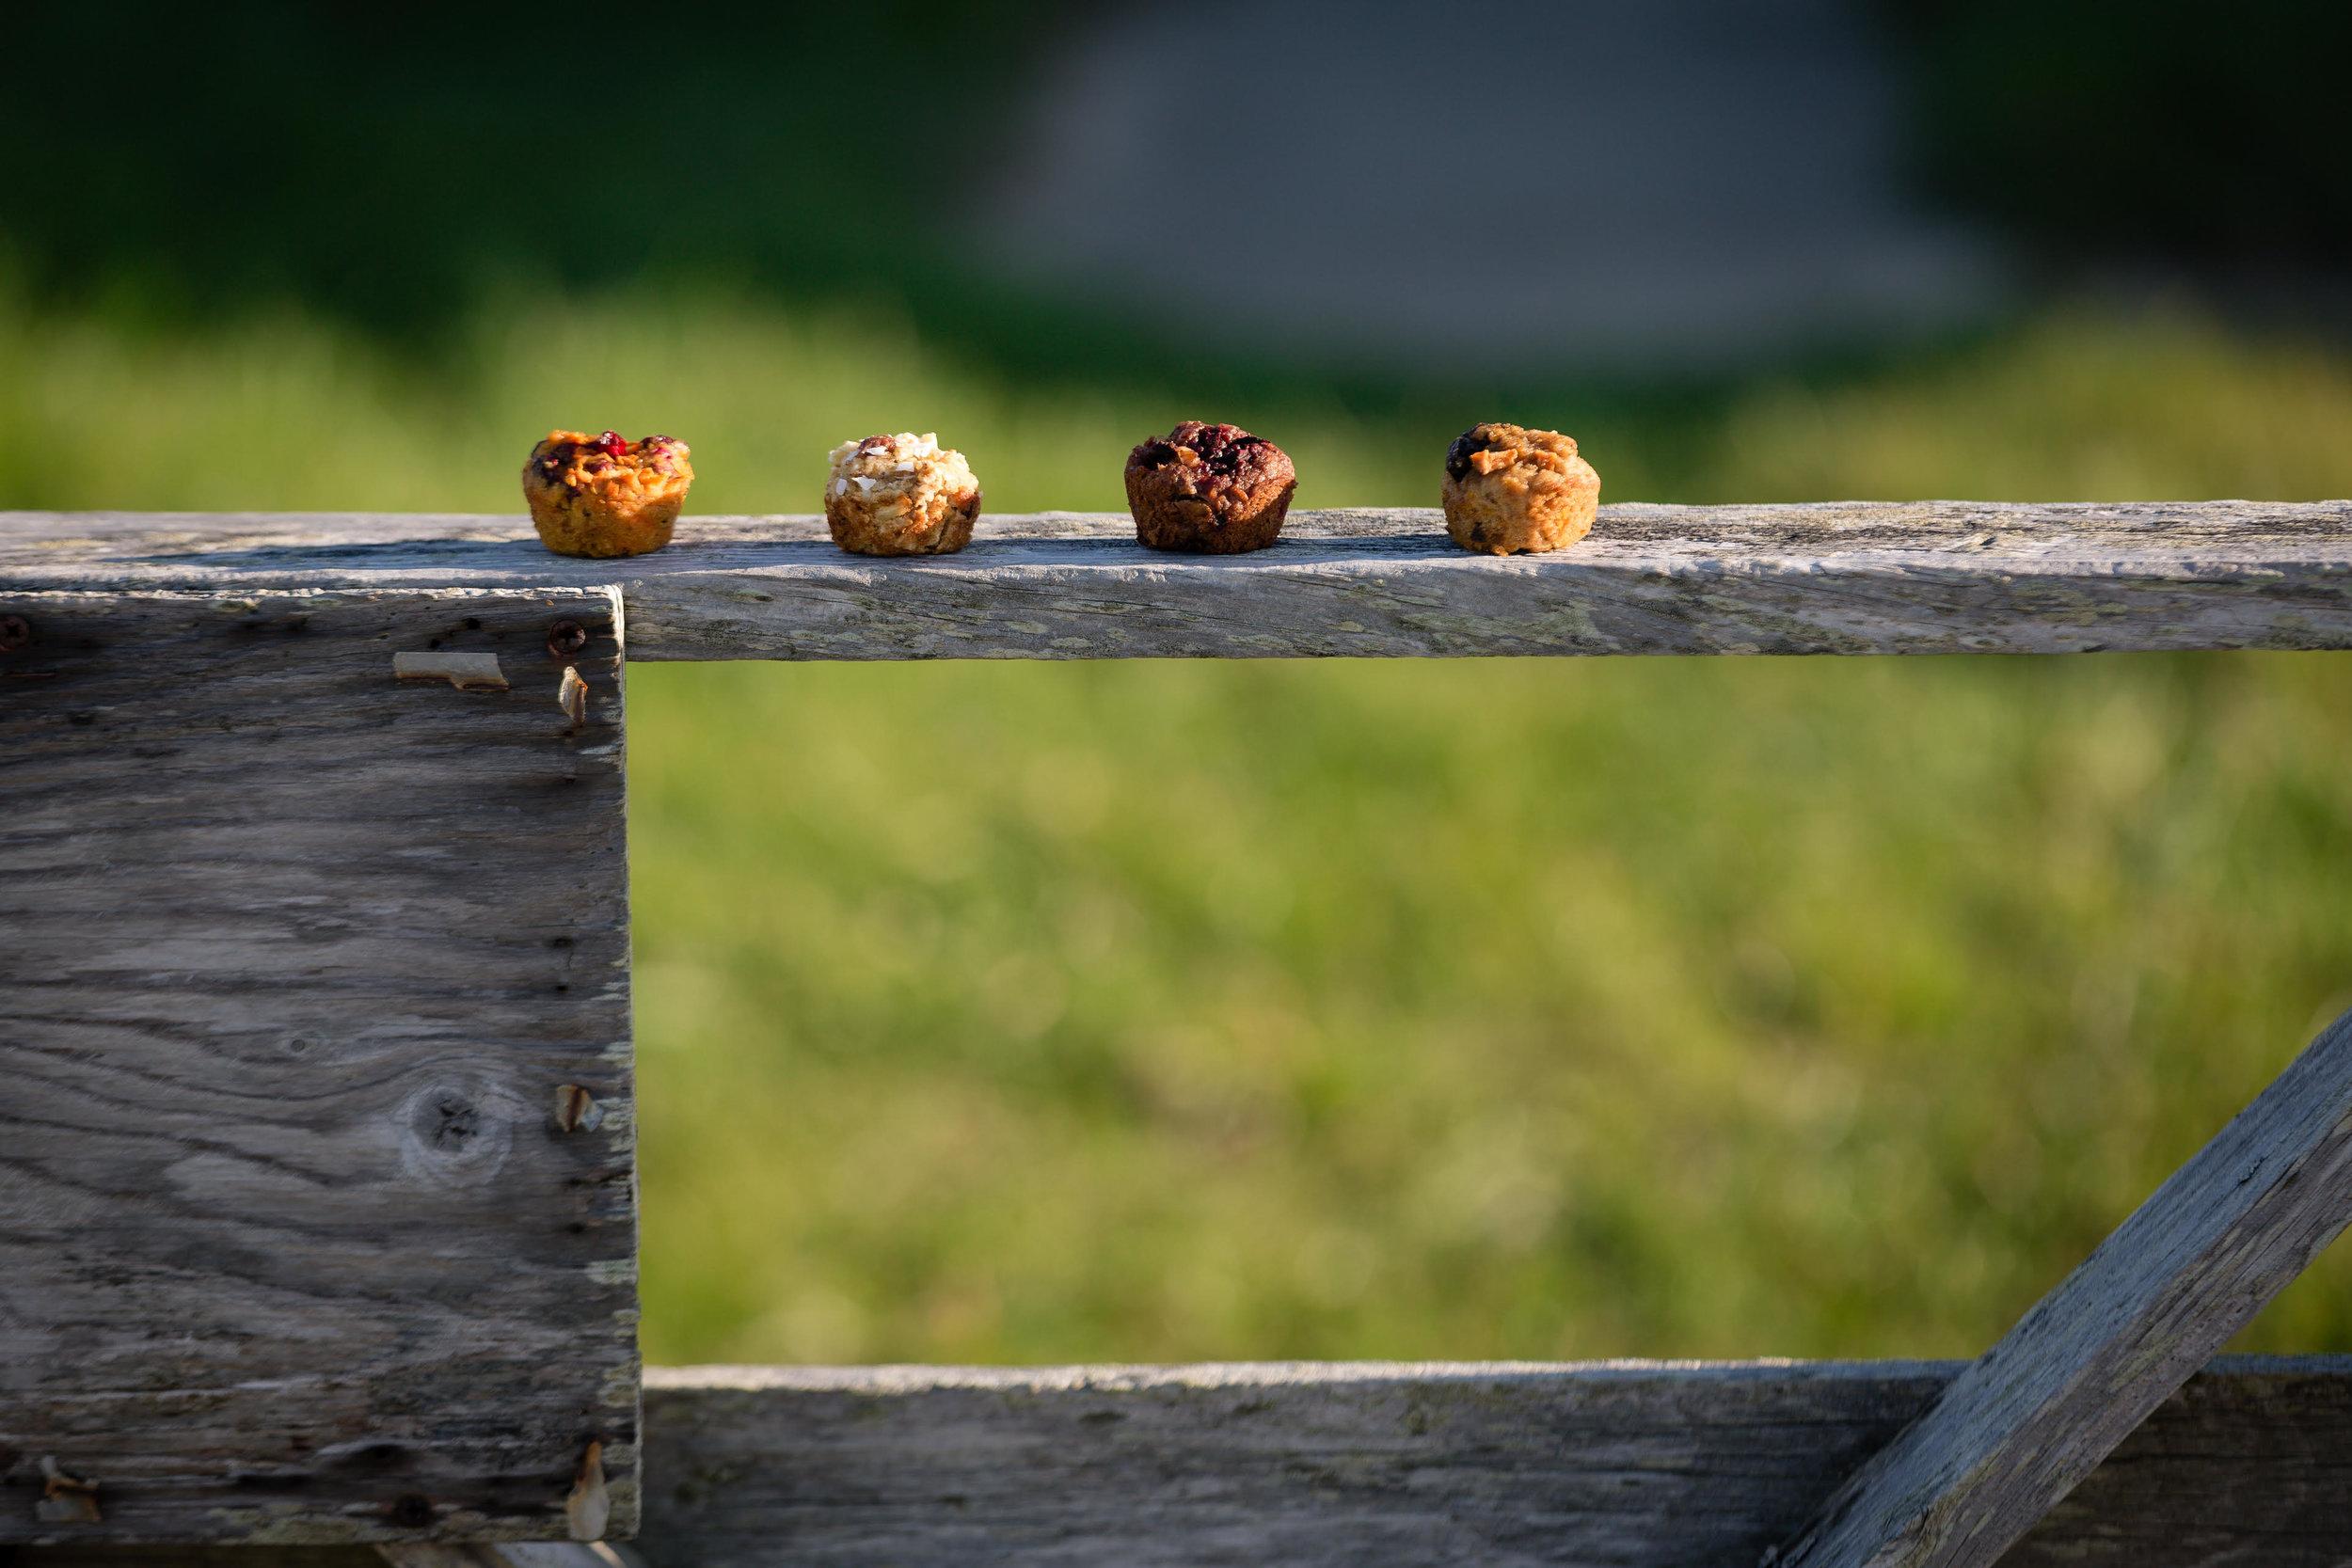 Cape Cod Muffins